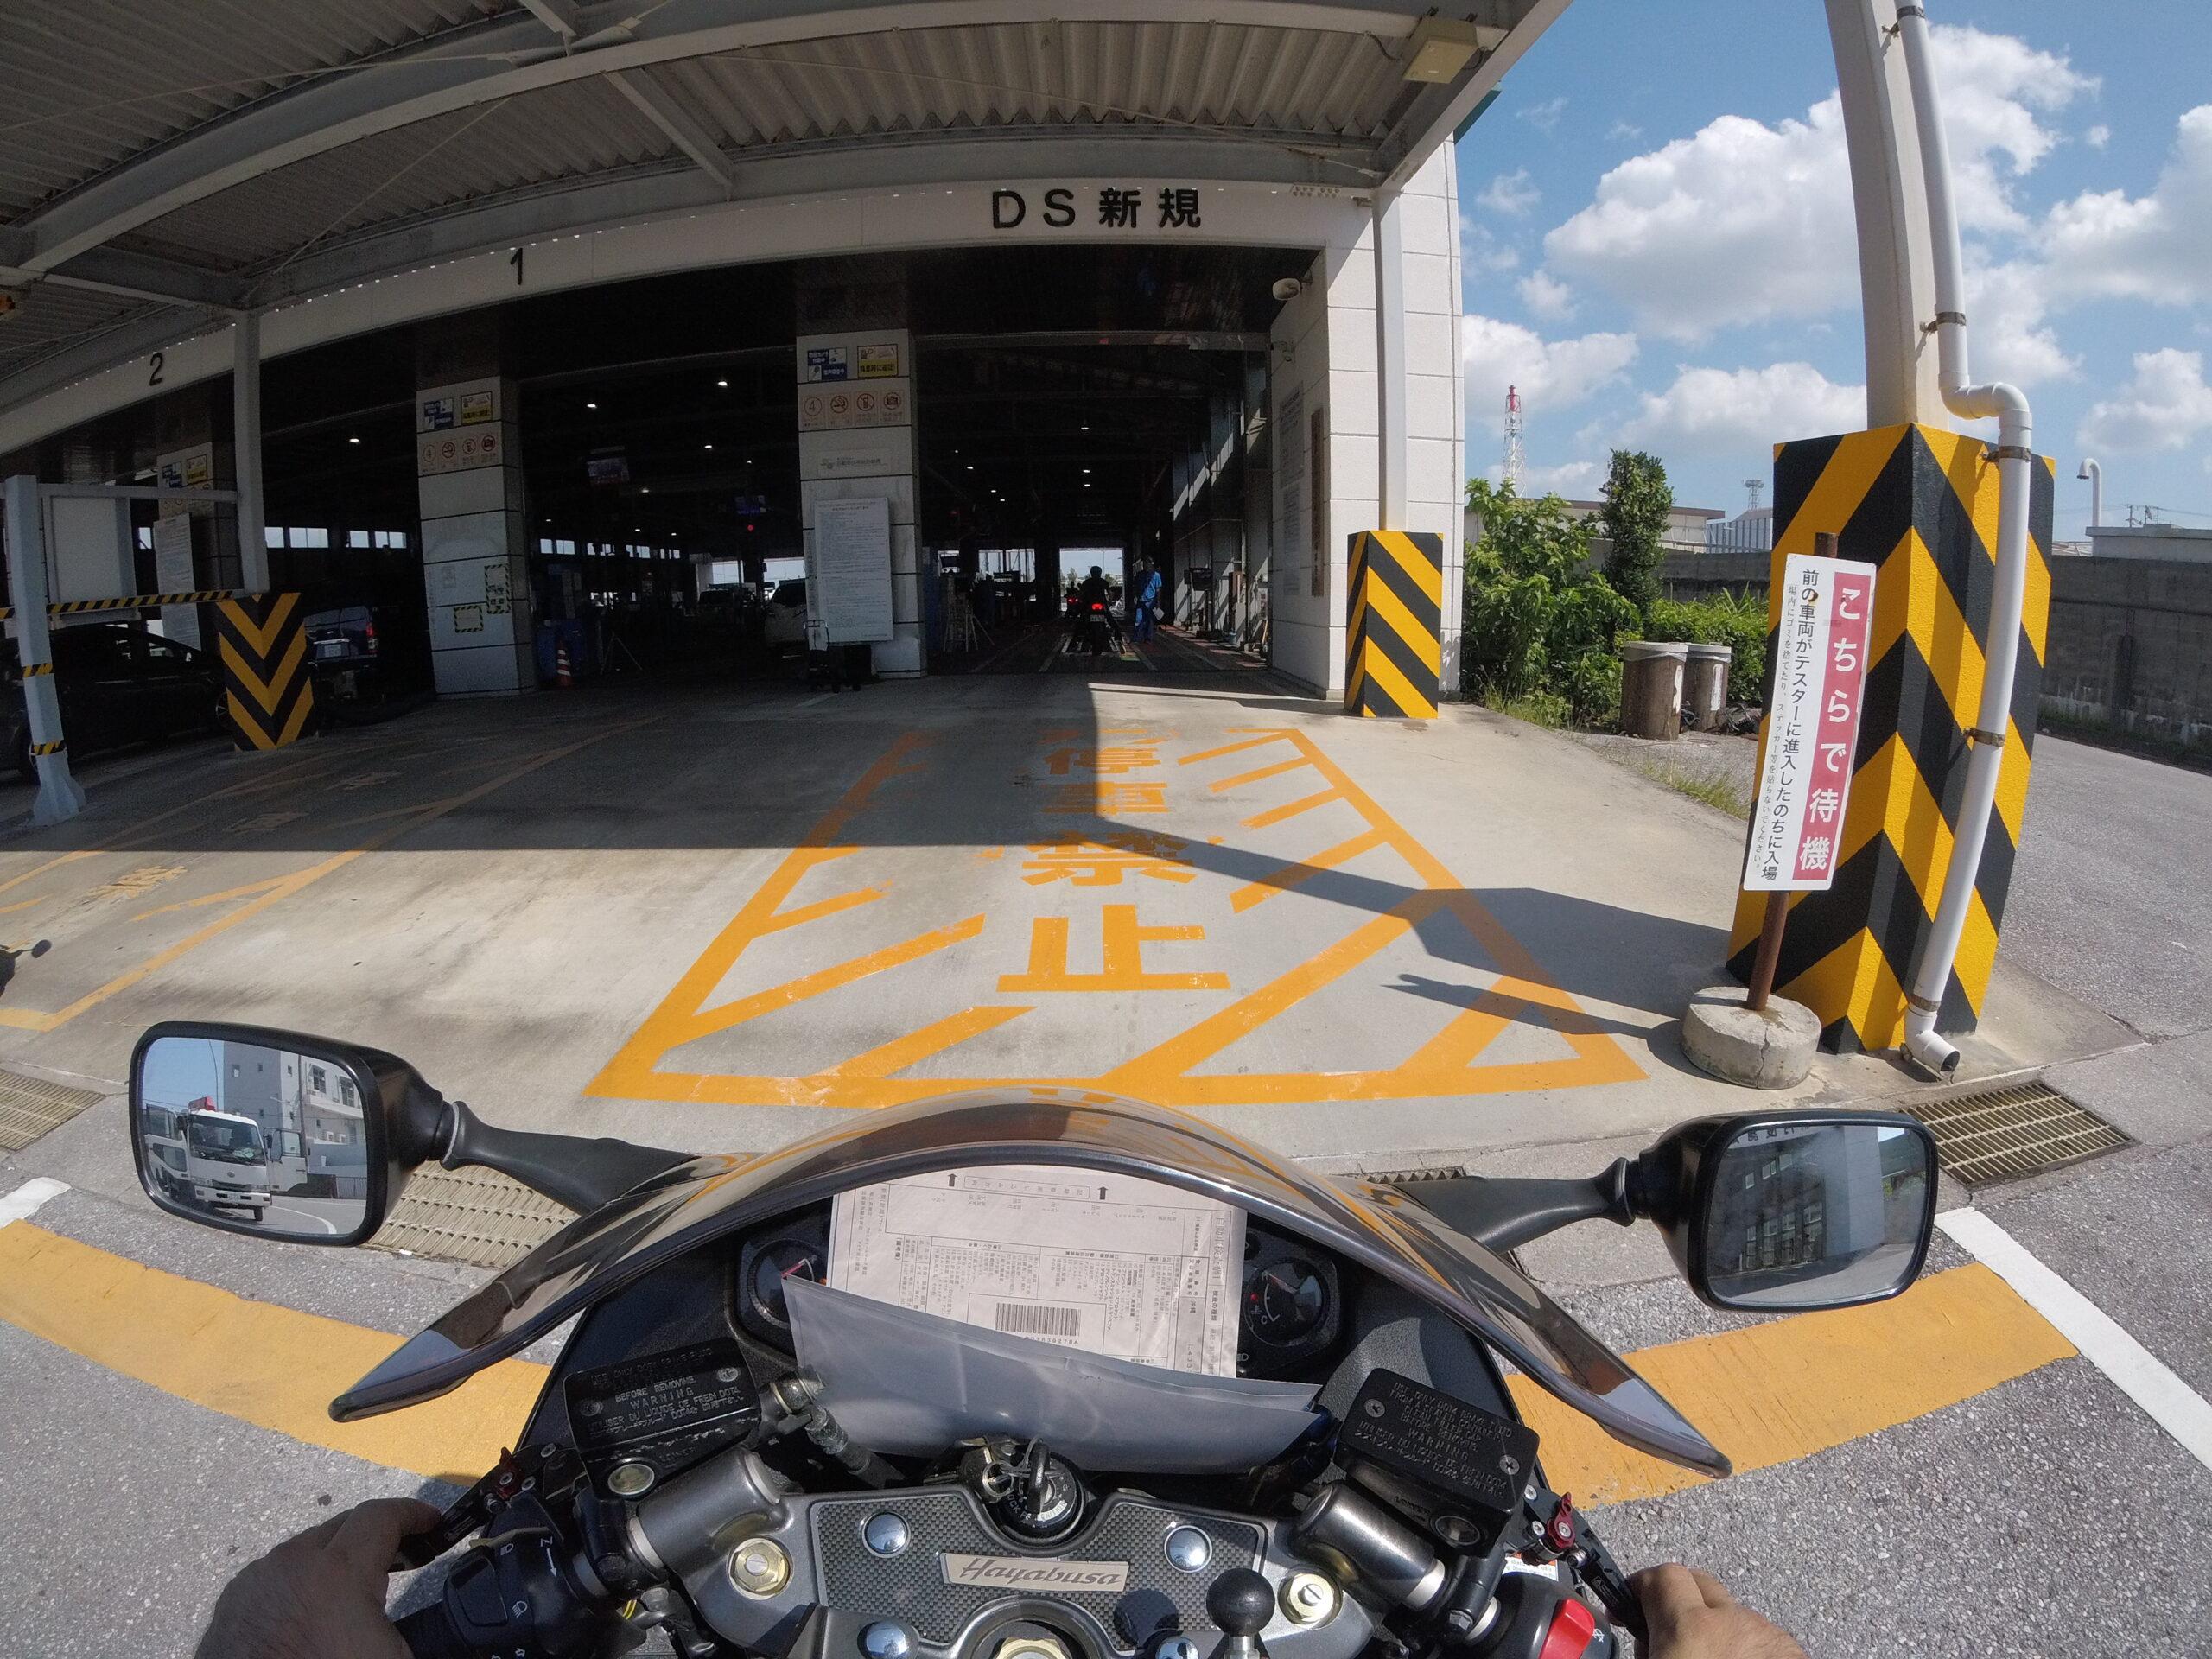 沖縄でGSX1300R隼のユーザー車検